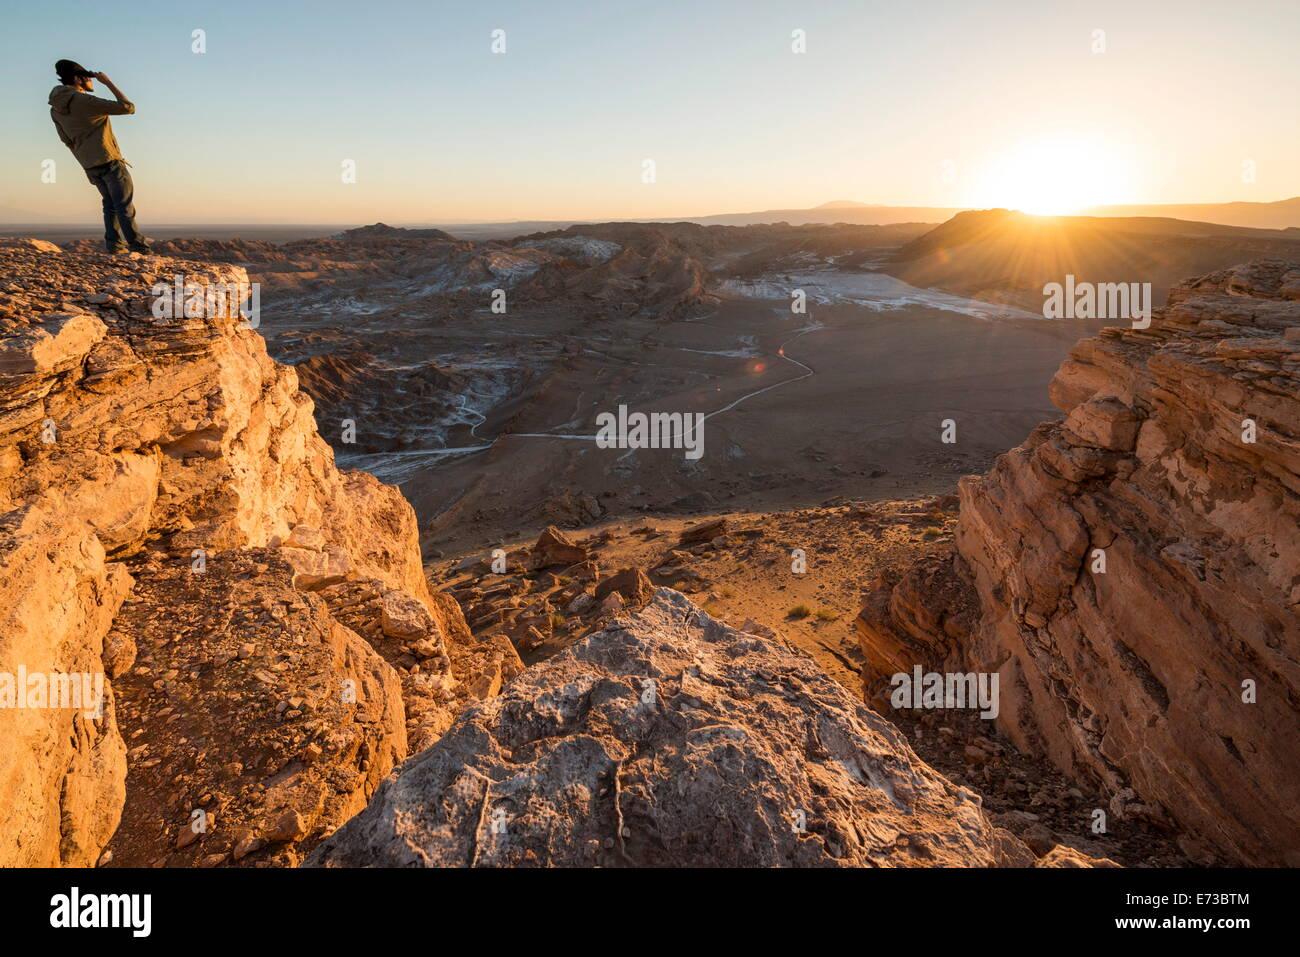 Valle de la Luna (vallée de la lune), Désert d'Atacama, El Norte Grande, Chili, Amérique du Sud Photo Stock